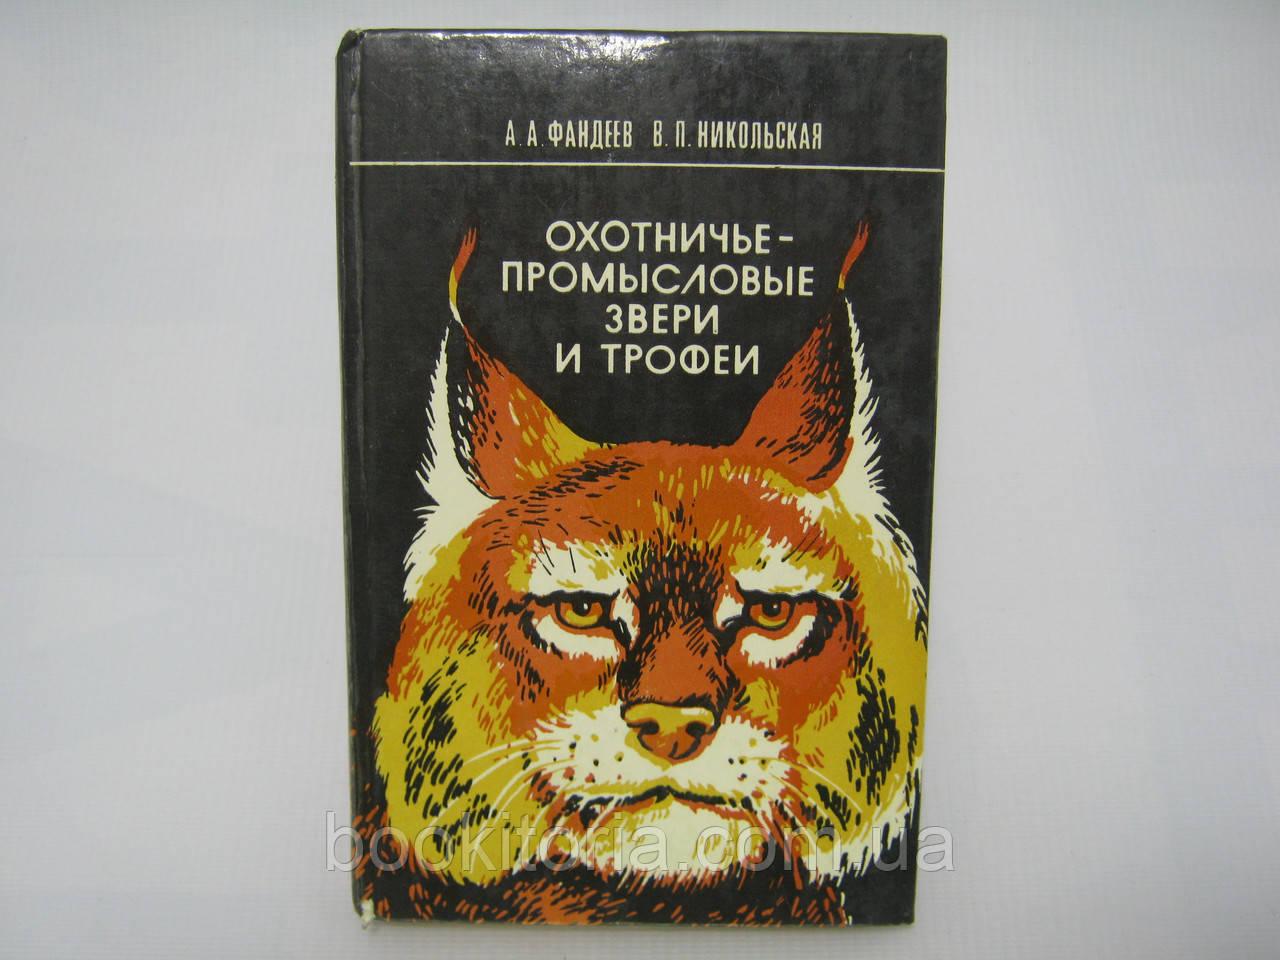 Фандеев А.А., Никольская В.П. Охотничье-промысловые звери и трофеи (б/у).